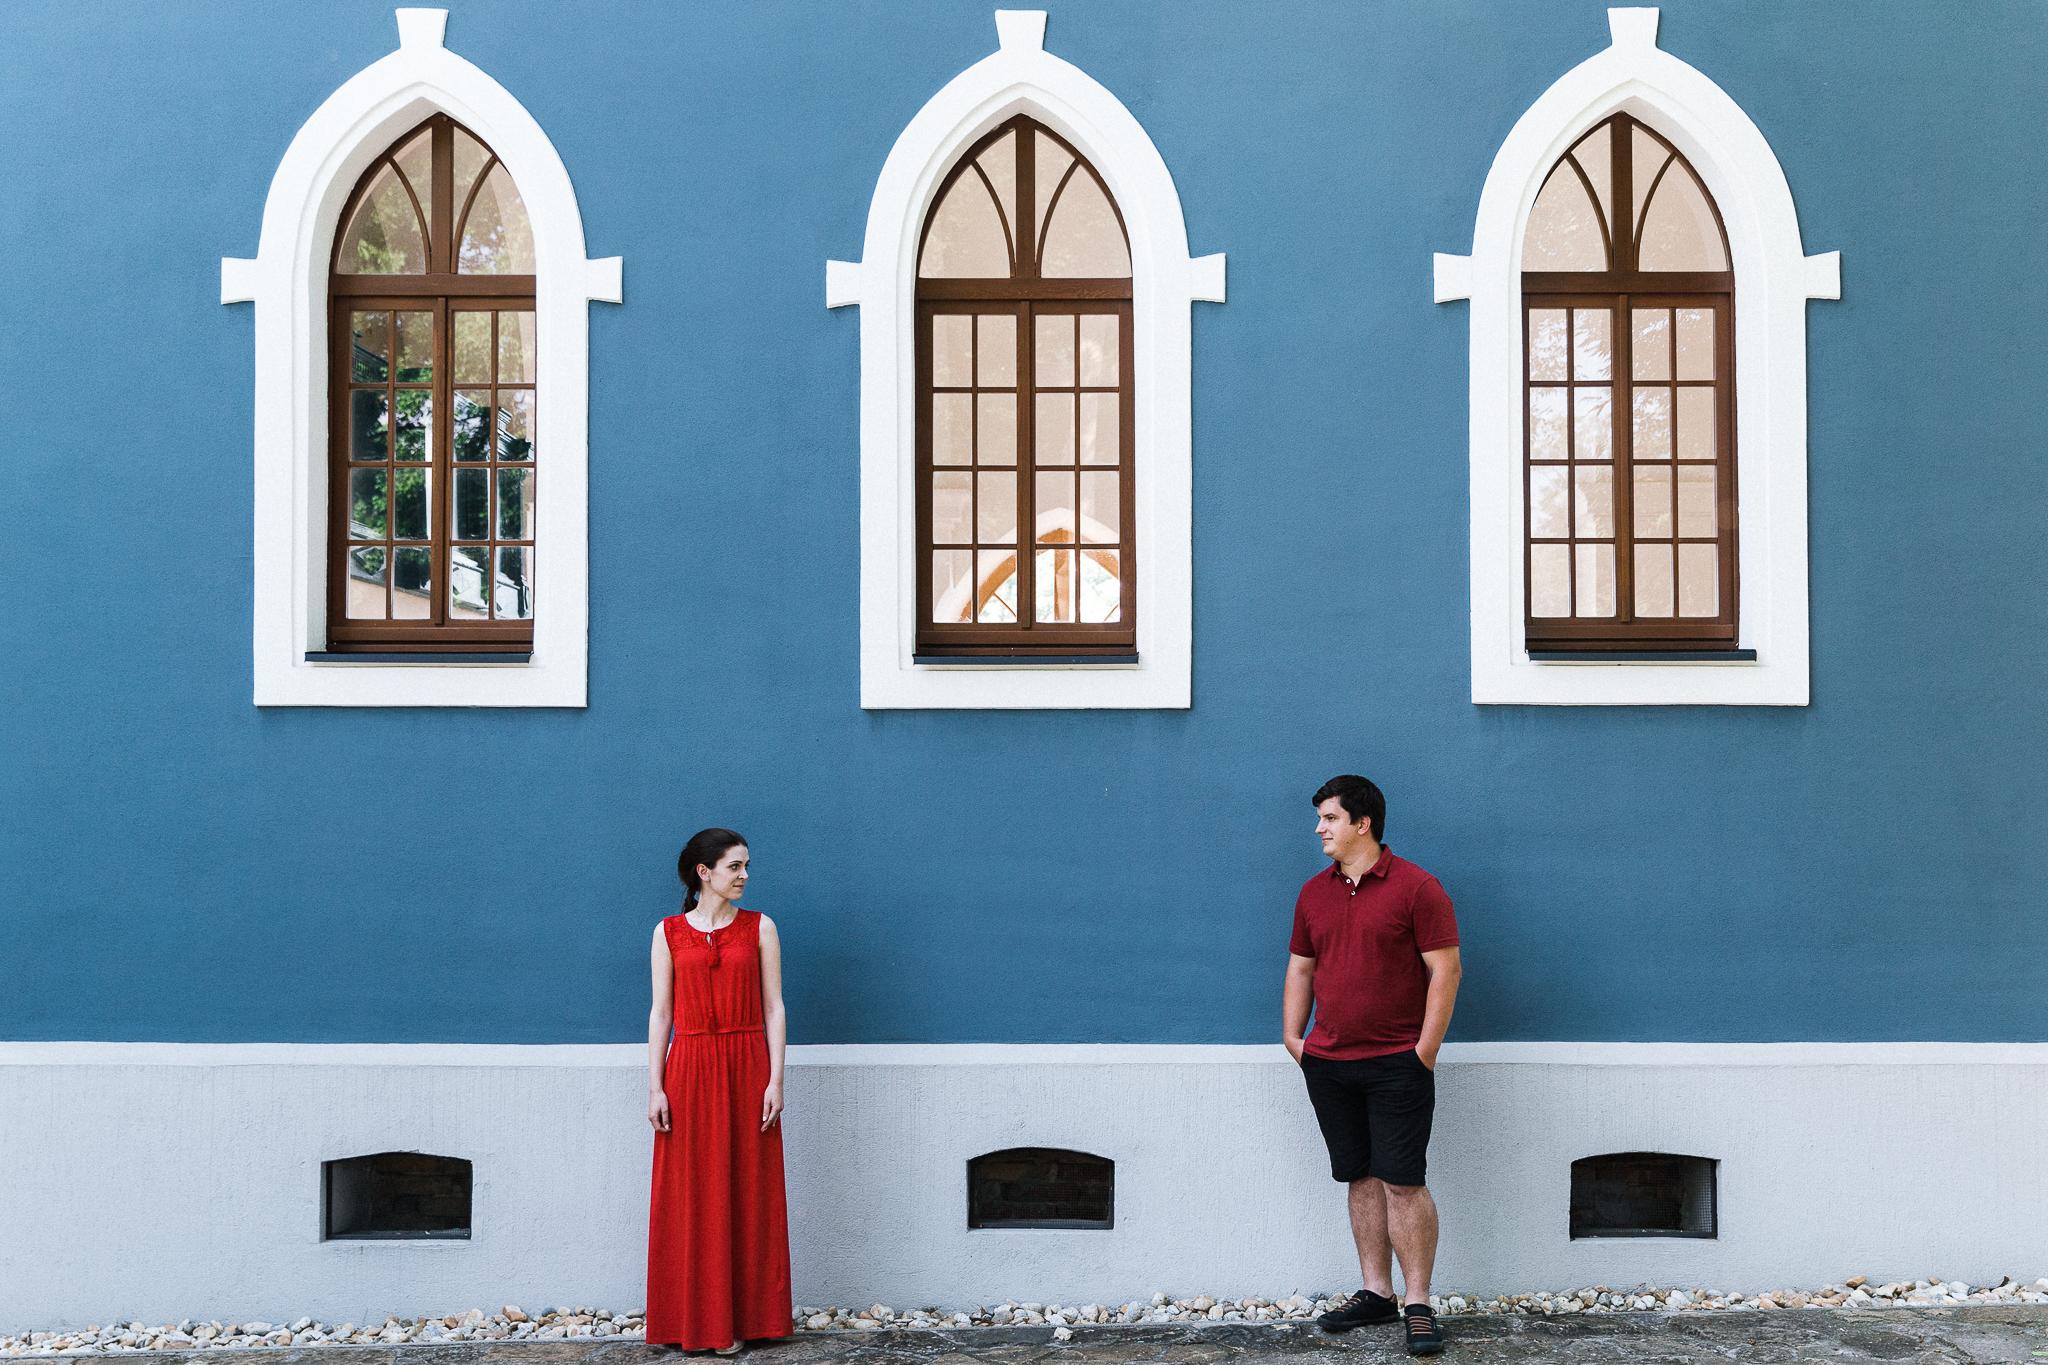 J_FylepPhoto, Esküvőfotós Vasmegye, Kismama, pocakfotó, Esküvő fotózás, Esküvői fotós, Körmend, Vas megye, Dunántúl, Budapest, Fülöp Péter, Jegyes fotózás, jegyes, kreatív, kreatívfotózás_106